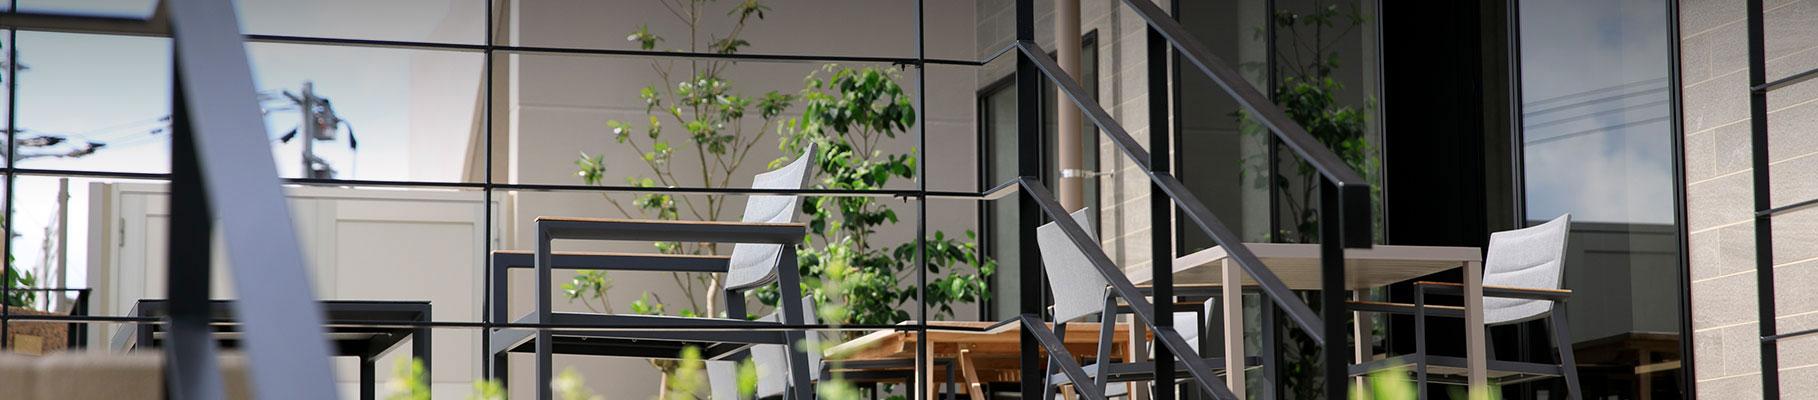 九州大学伊都キャンパス徒歩圏内 糸島初のオーセンティック・ホテル 「グローカルホテル糸島」